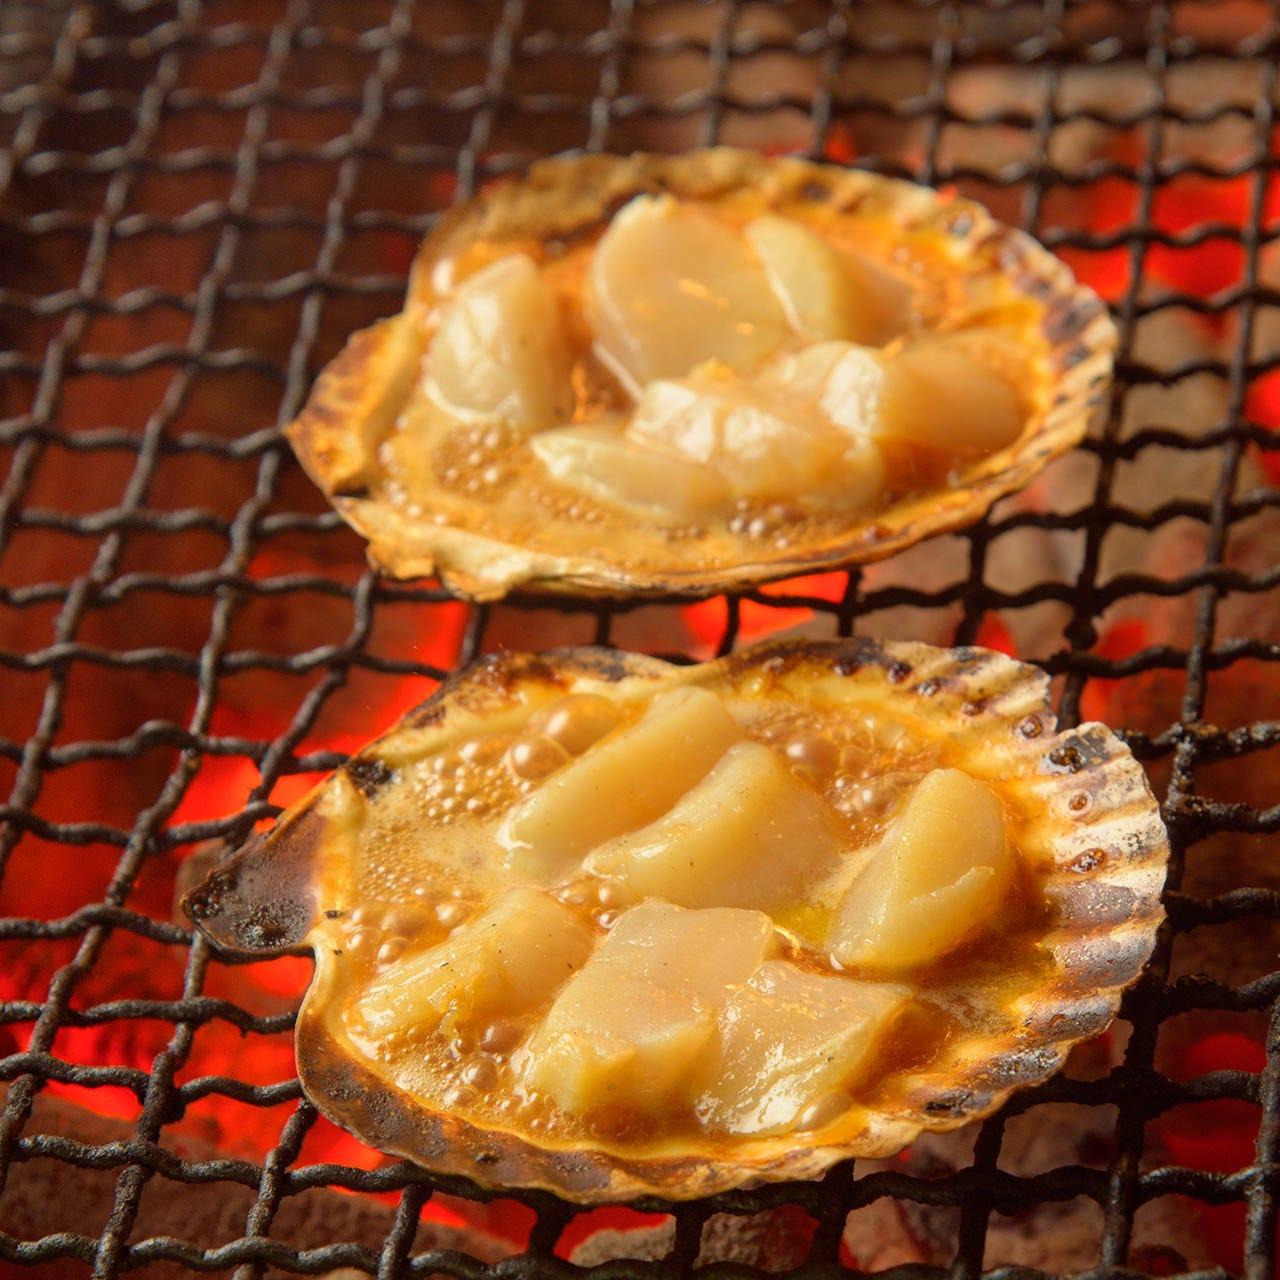 三陸産の帆立からあふれ出るジューシーな旨味と甘味を満喫